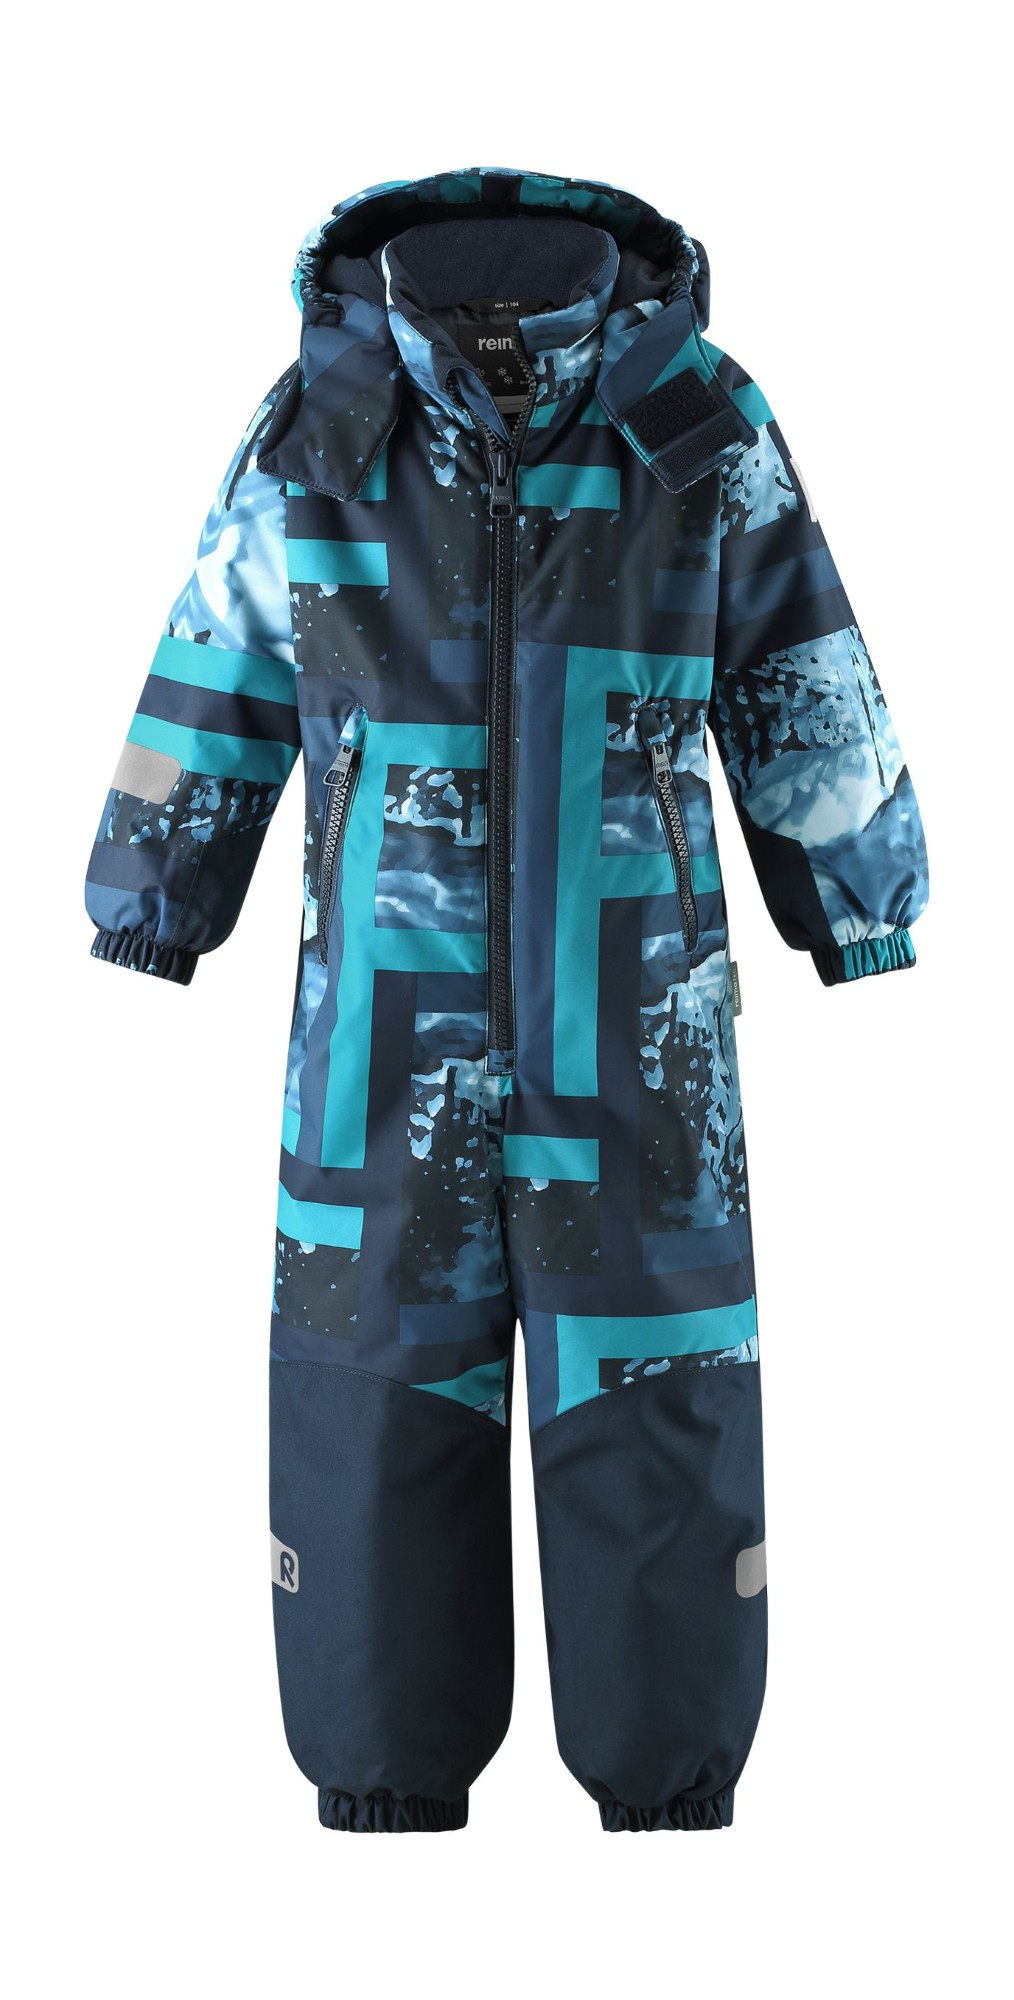 REIMA Snowy 520269B Navy 6981 140